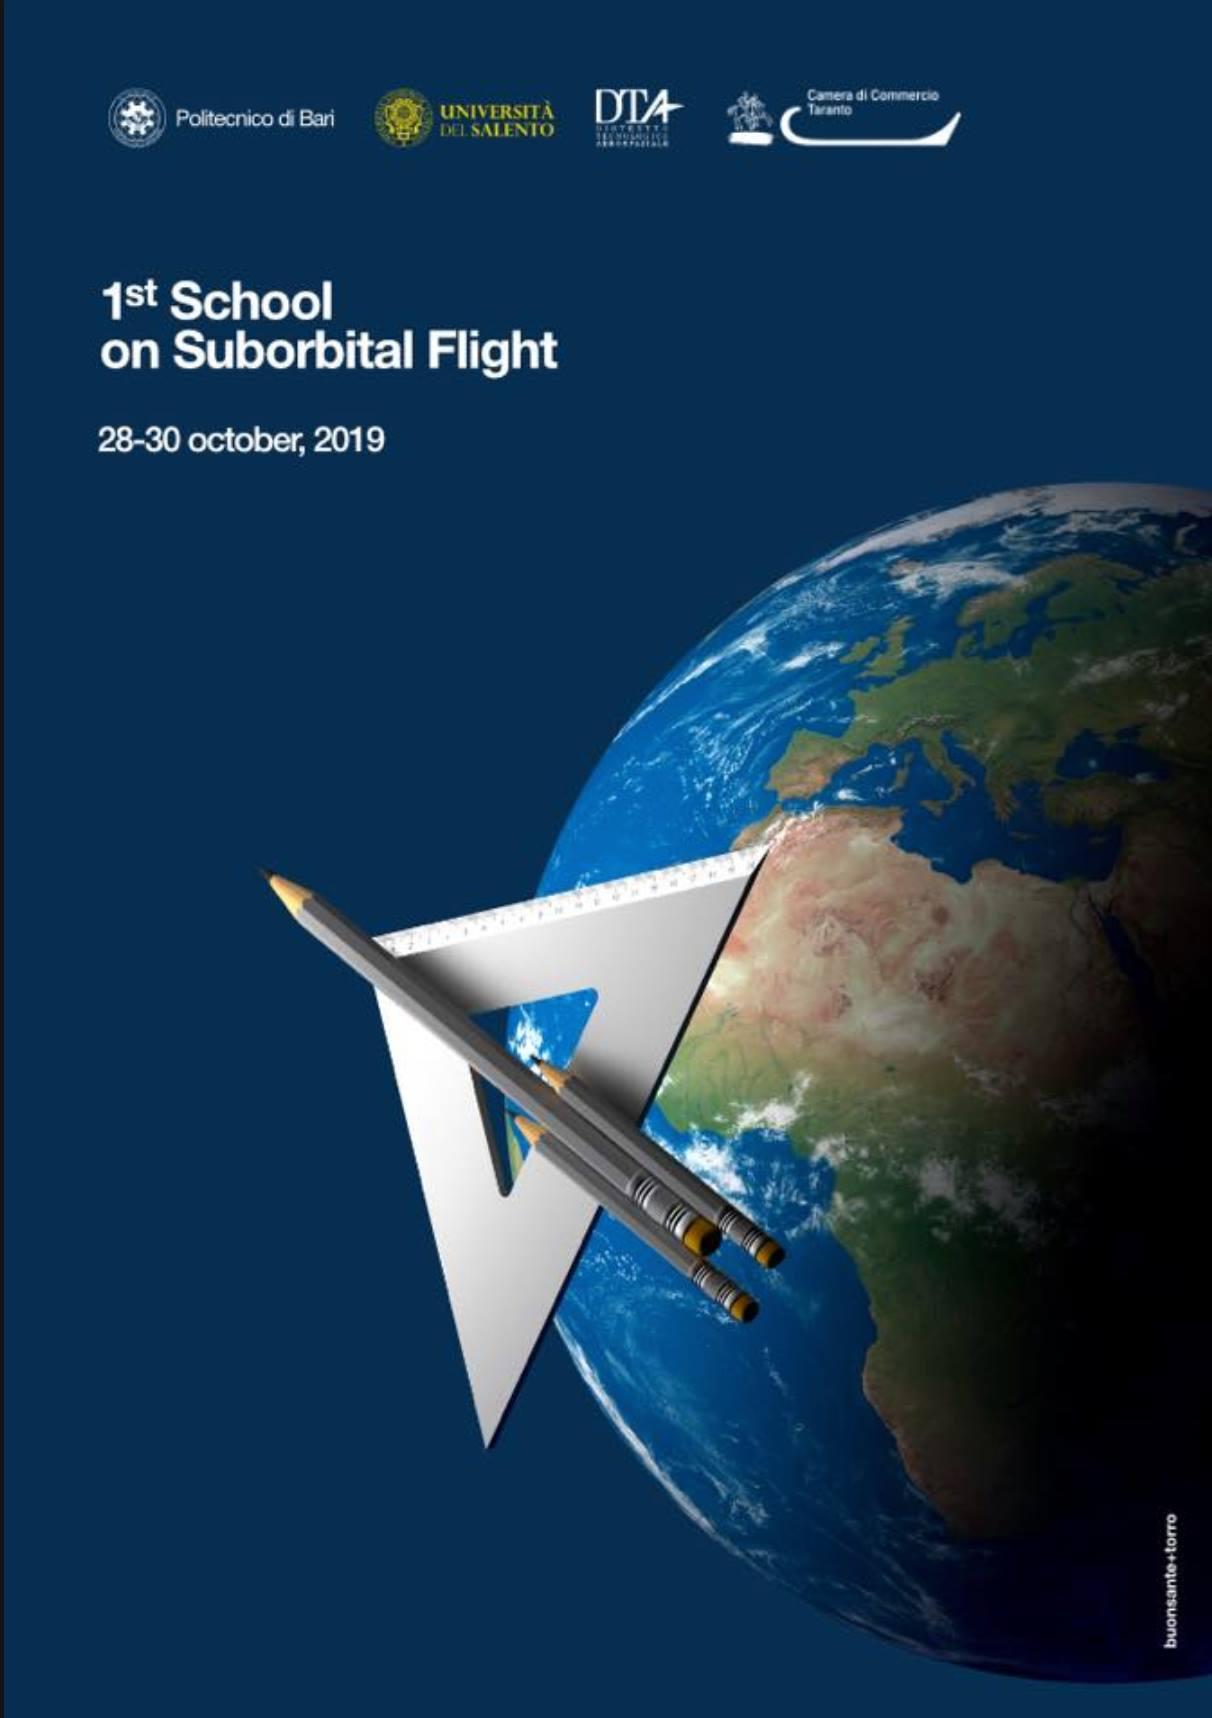 Inaugurazione prima Scuola Internazionale sul Volo Suborbitale